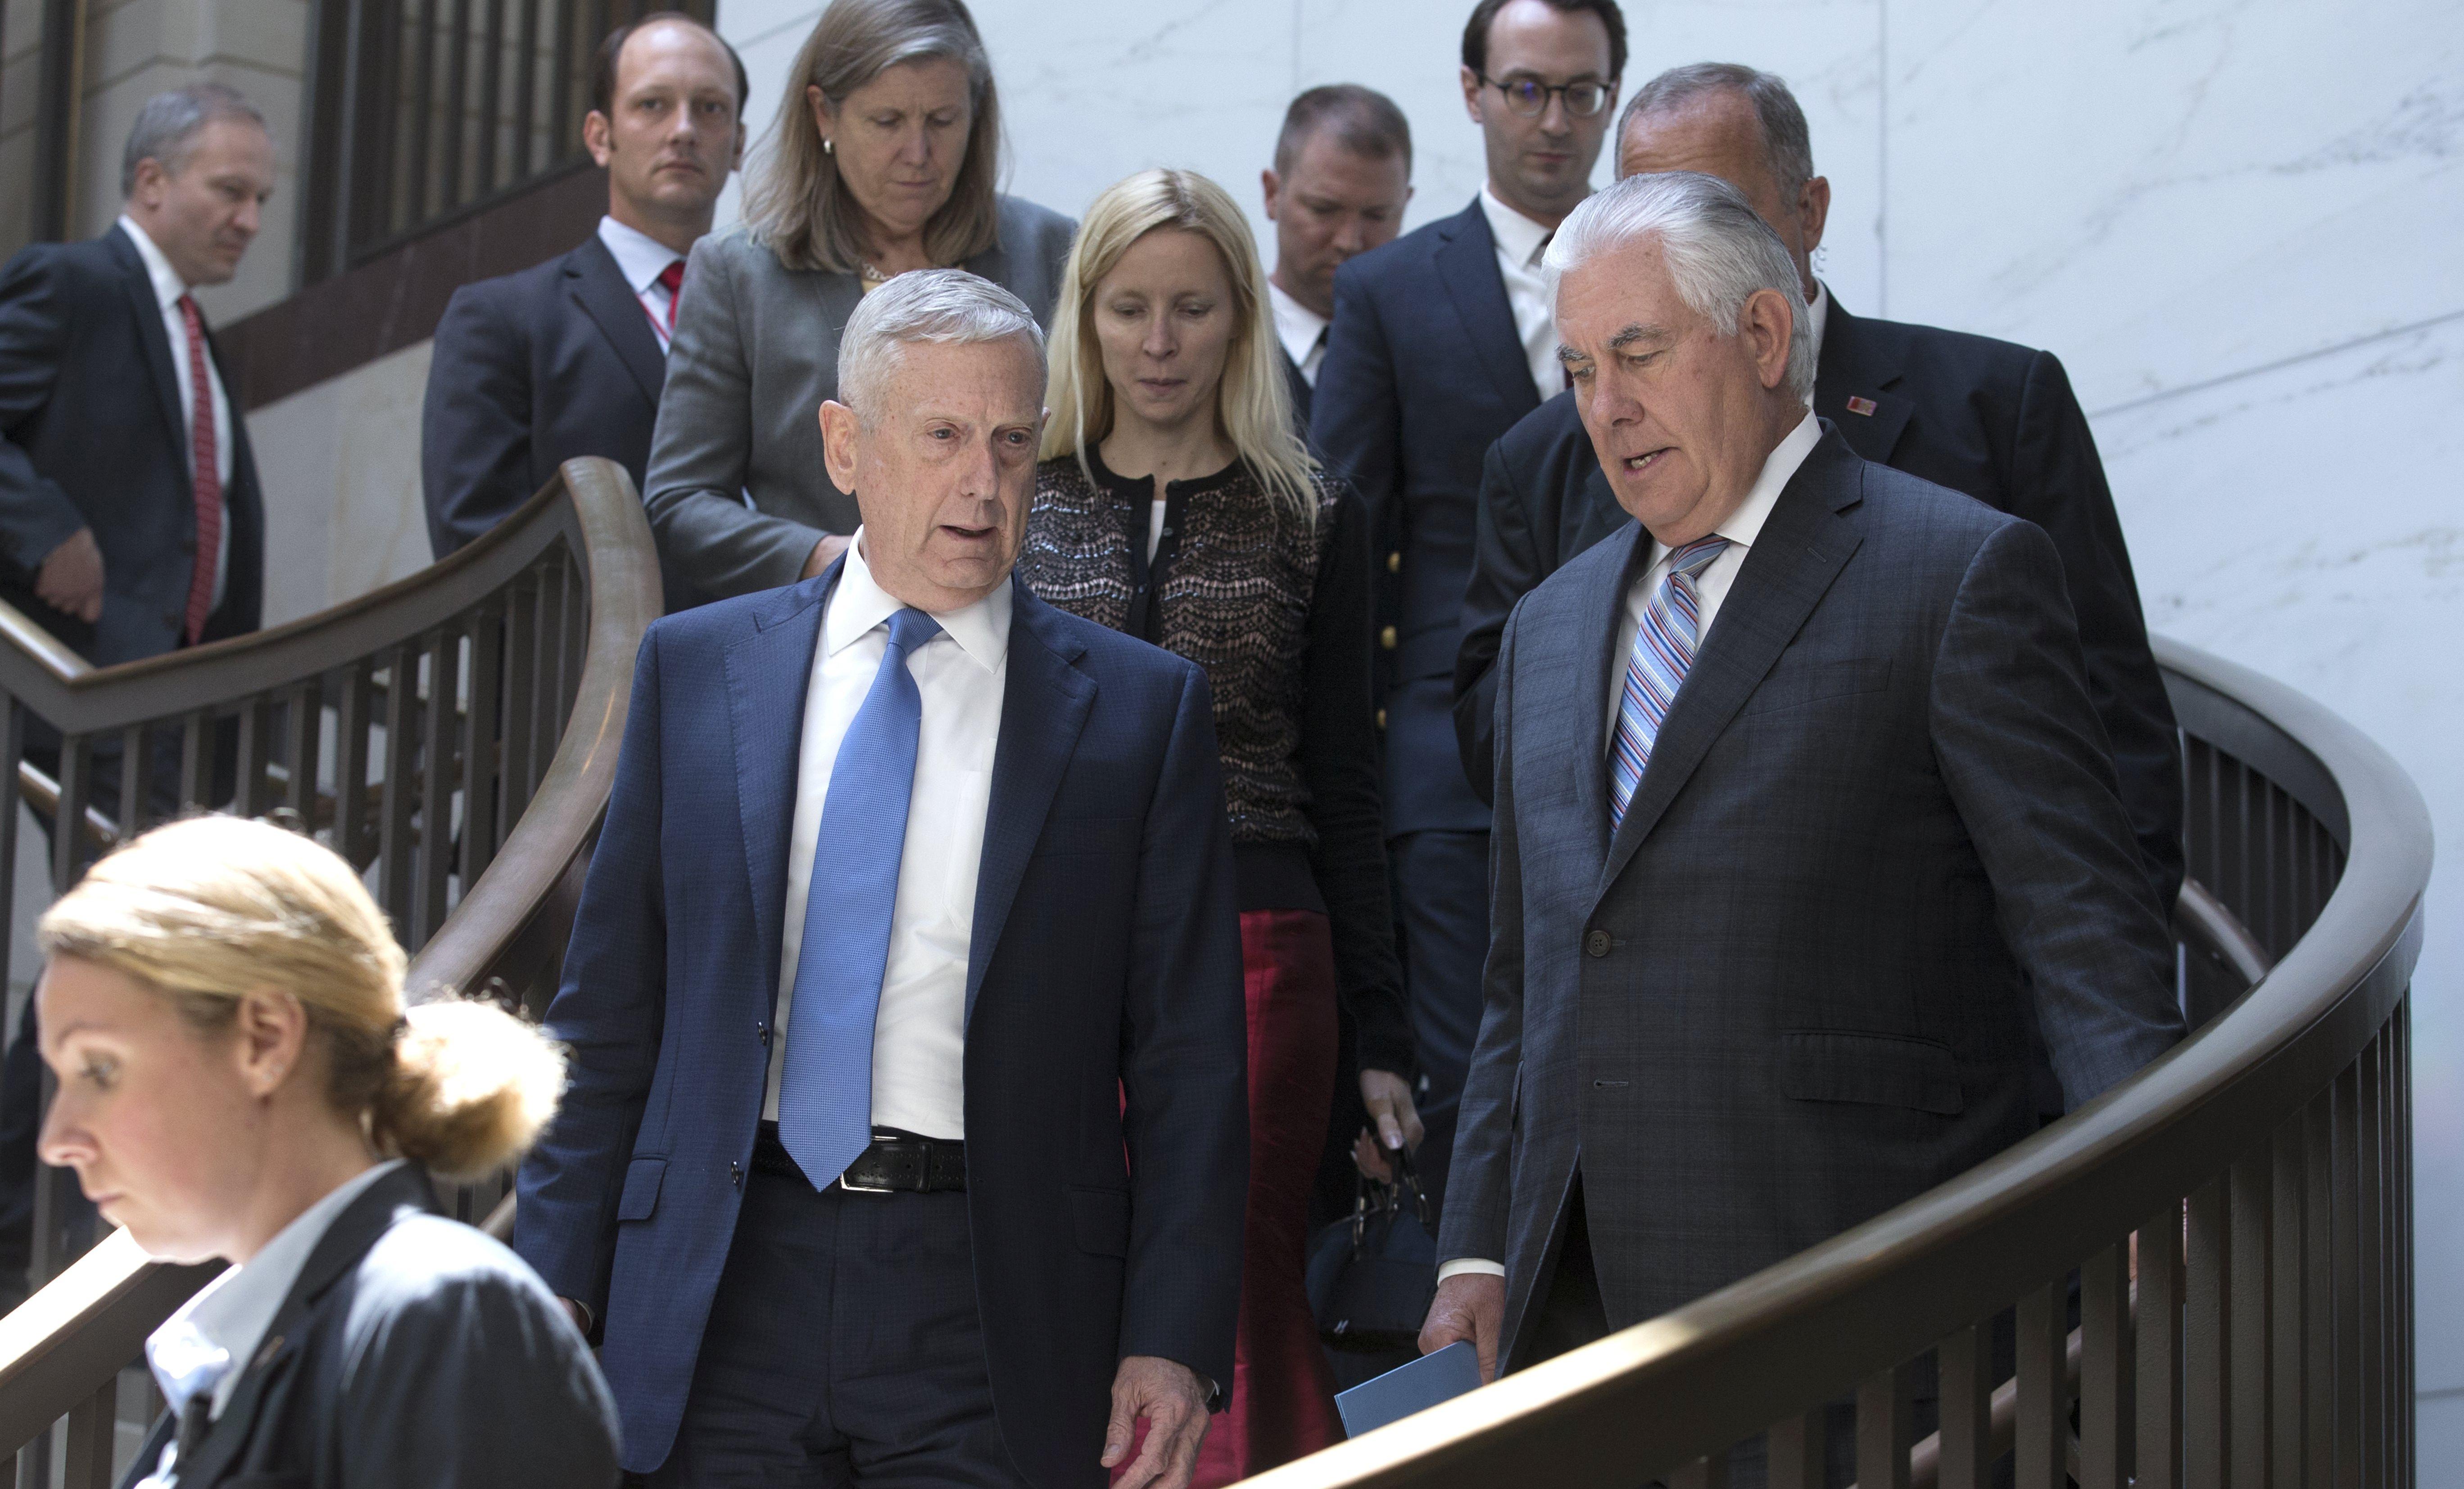 Mattis kaže ako Sjeverna Koreja ispali projektil na SAD to bi moglo 'prerasti u rat'